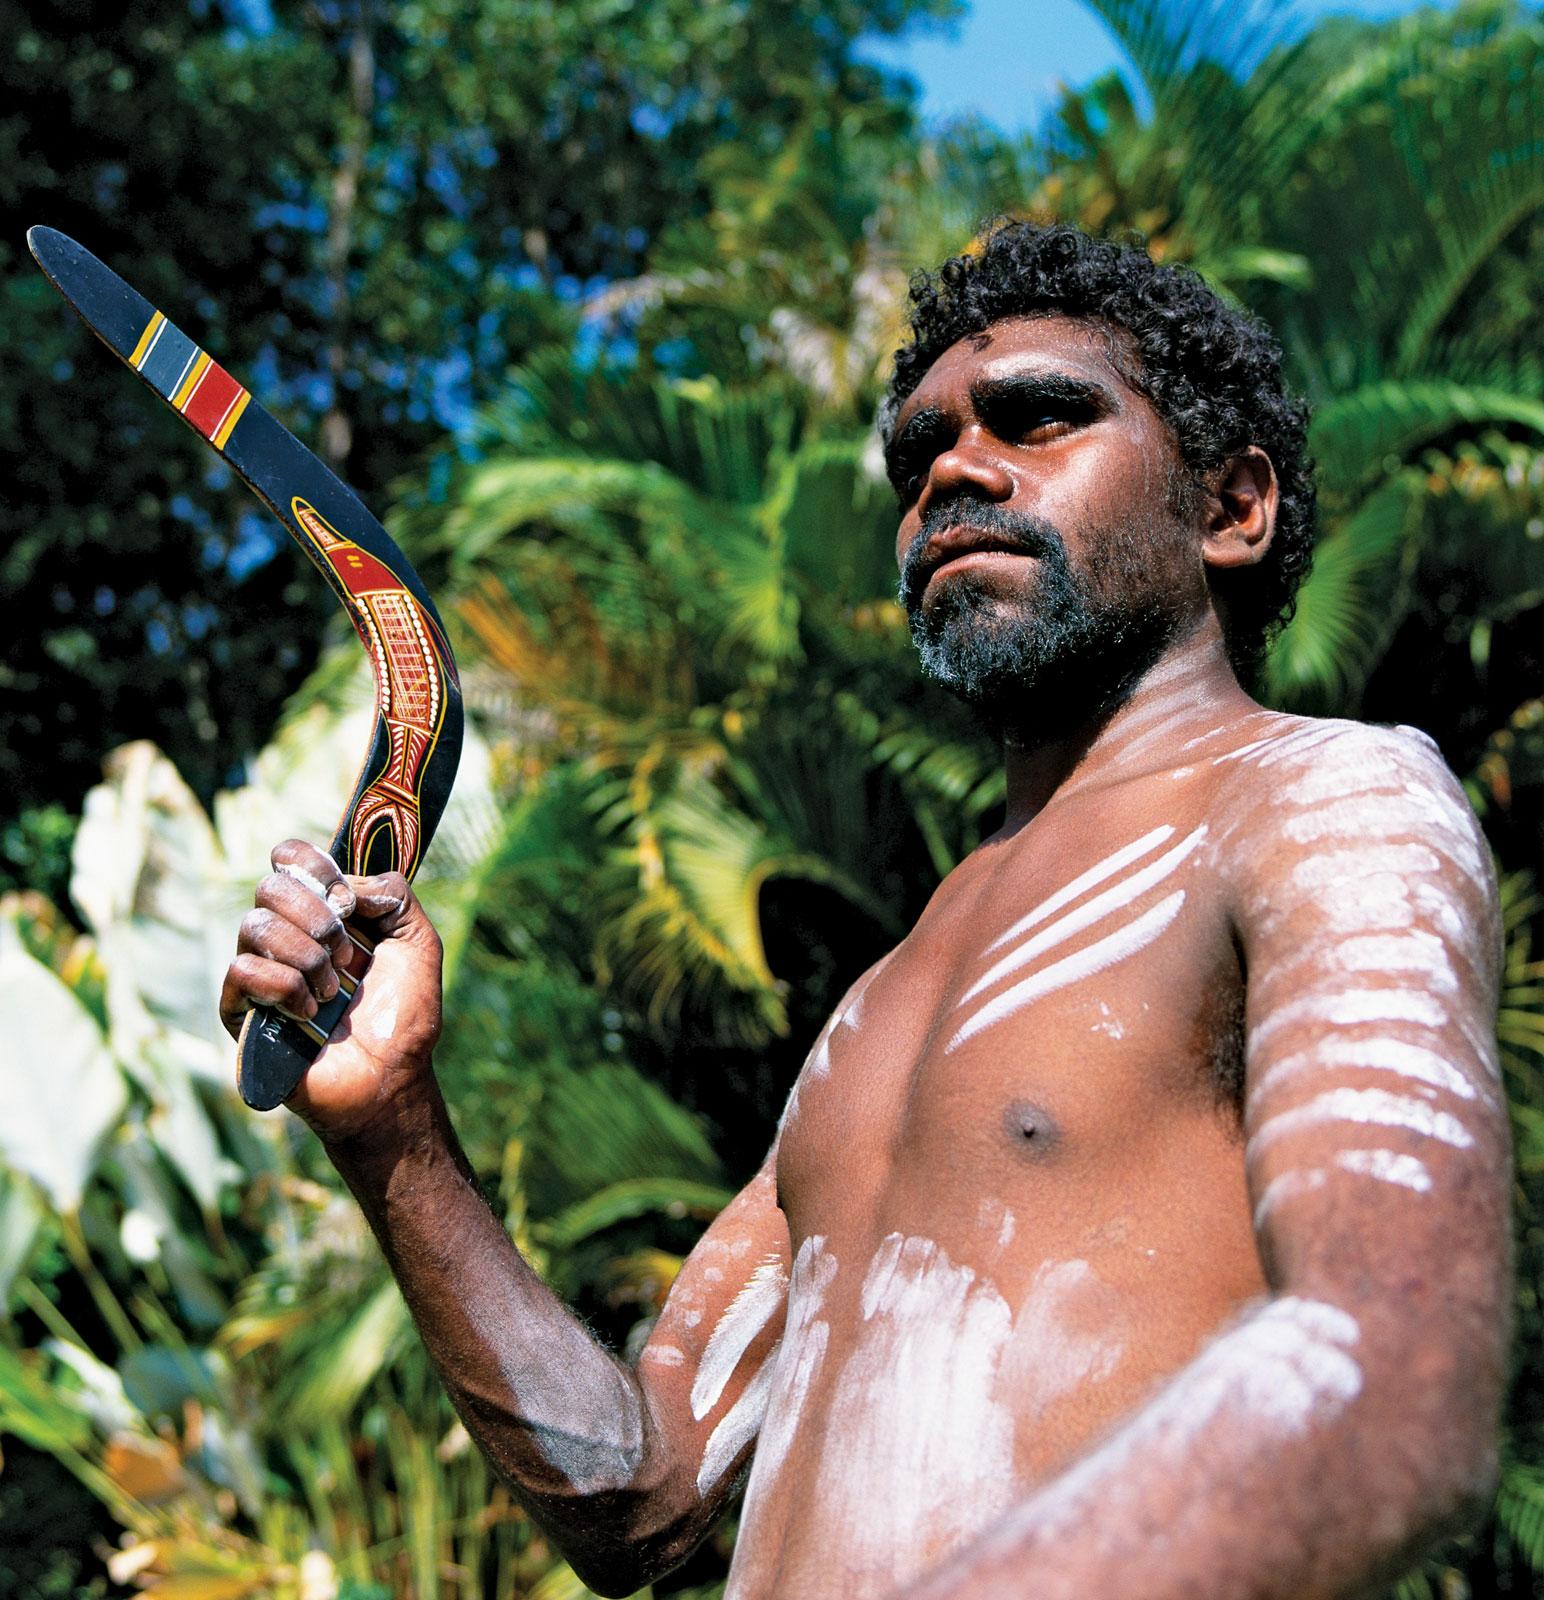 порно фото секс австралийки № 76433 бесплатно